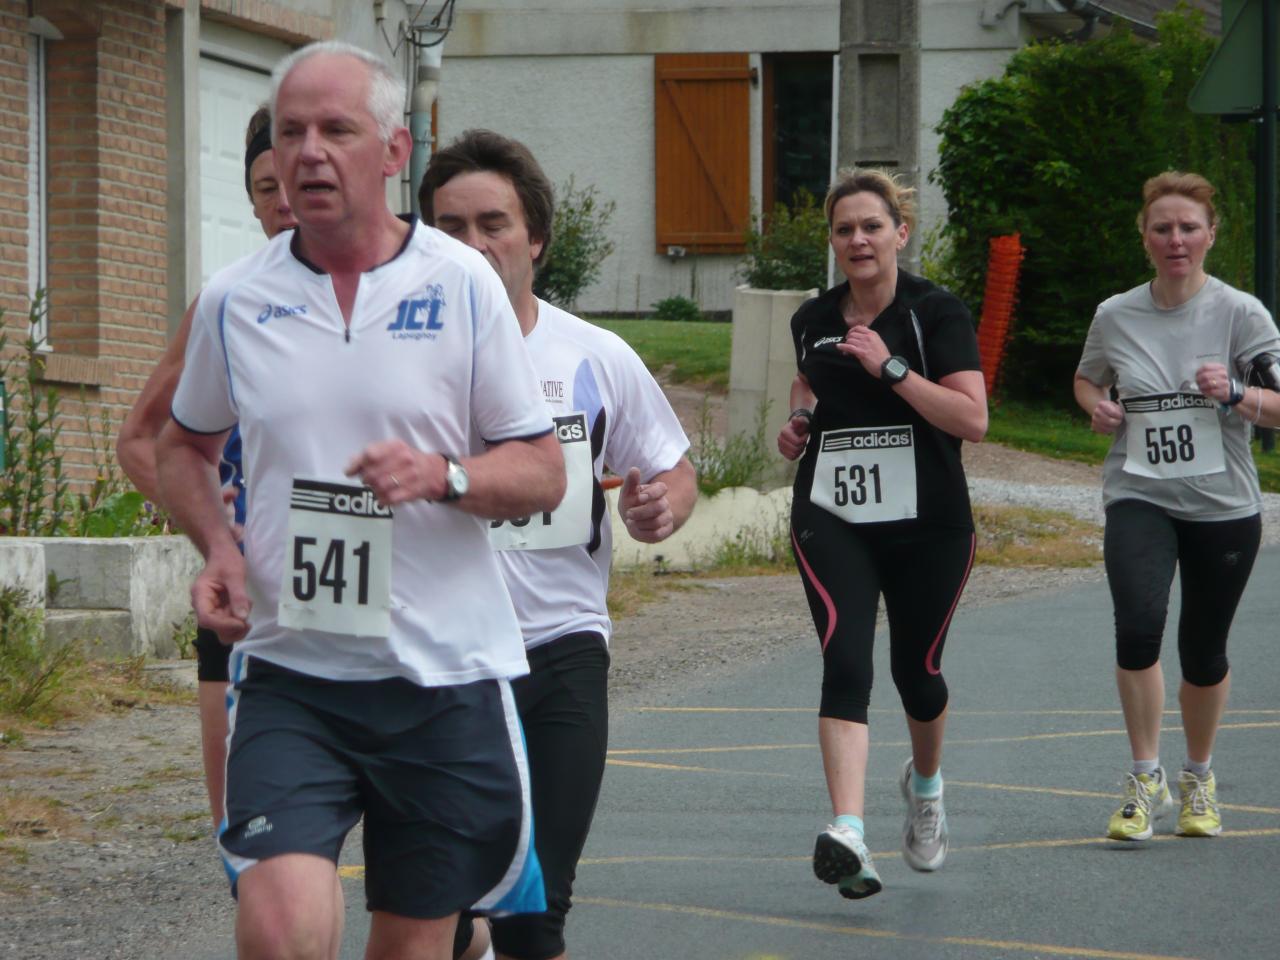 M.Dacquin (59)